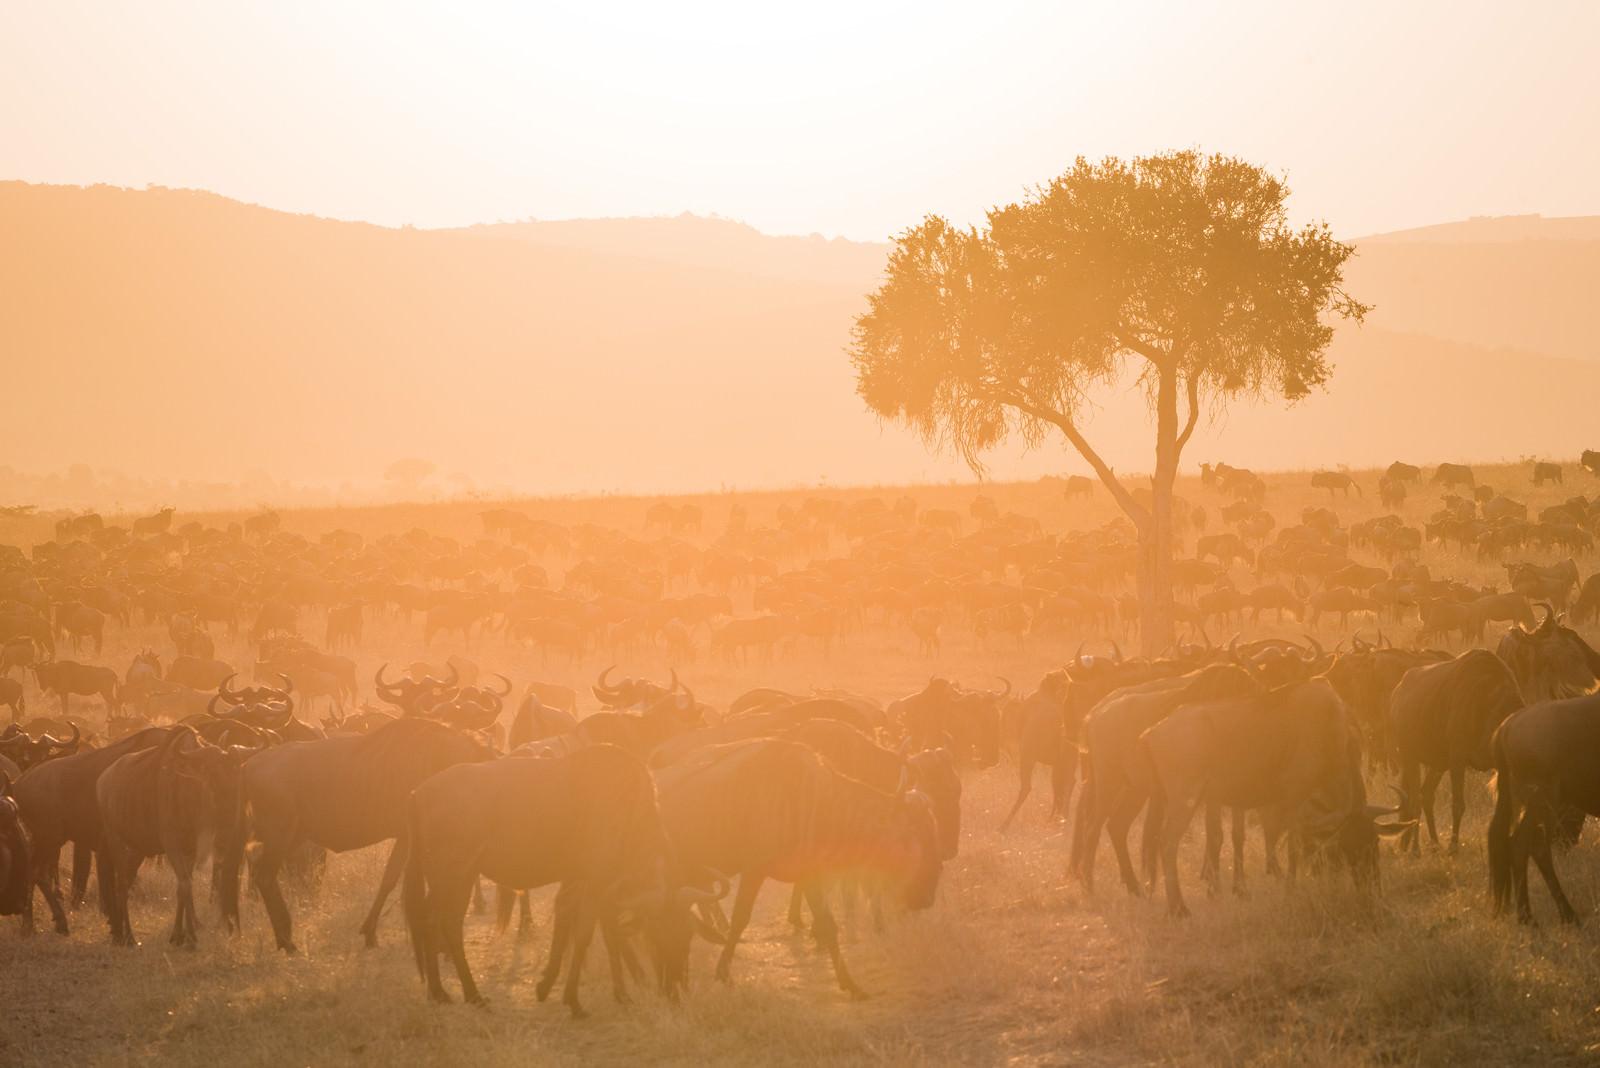 「数百頭ものヌーの群れ」の写真